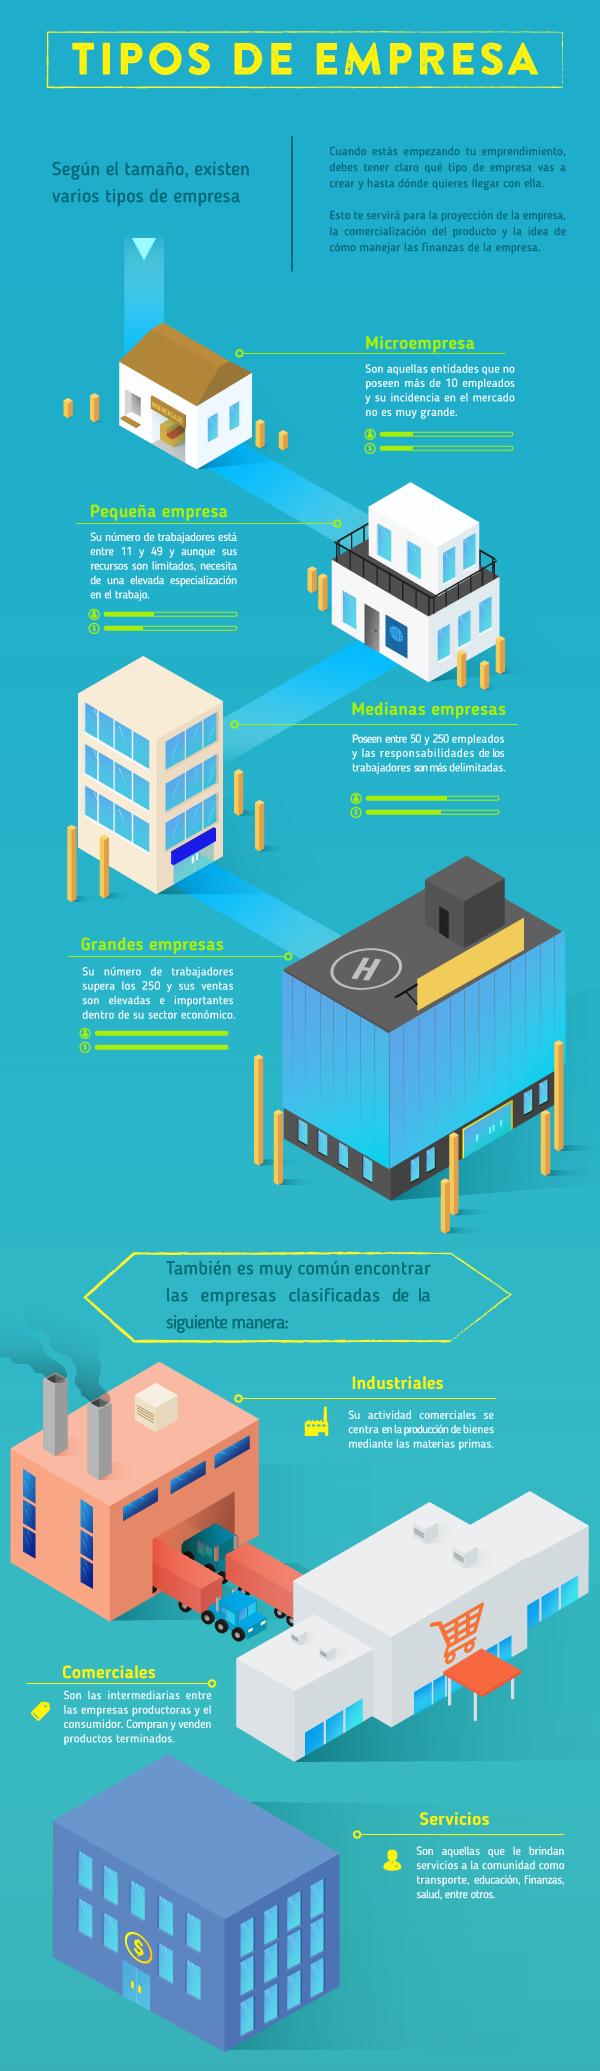 Según el tamaño o las características, existen varios tipos de empresas.